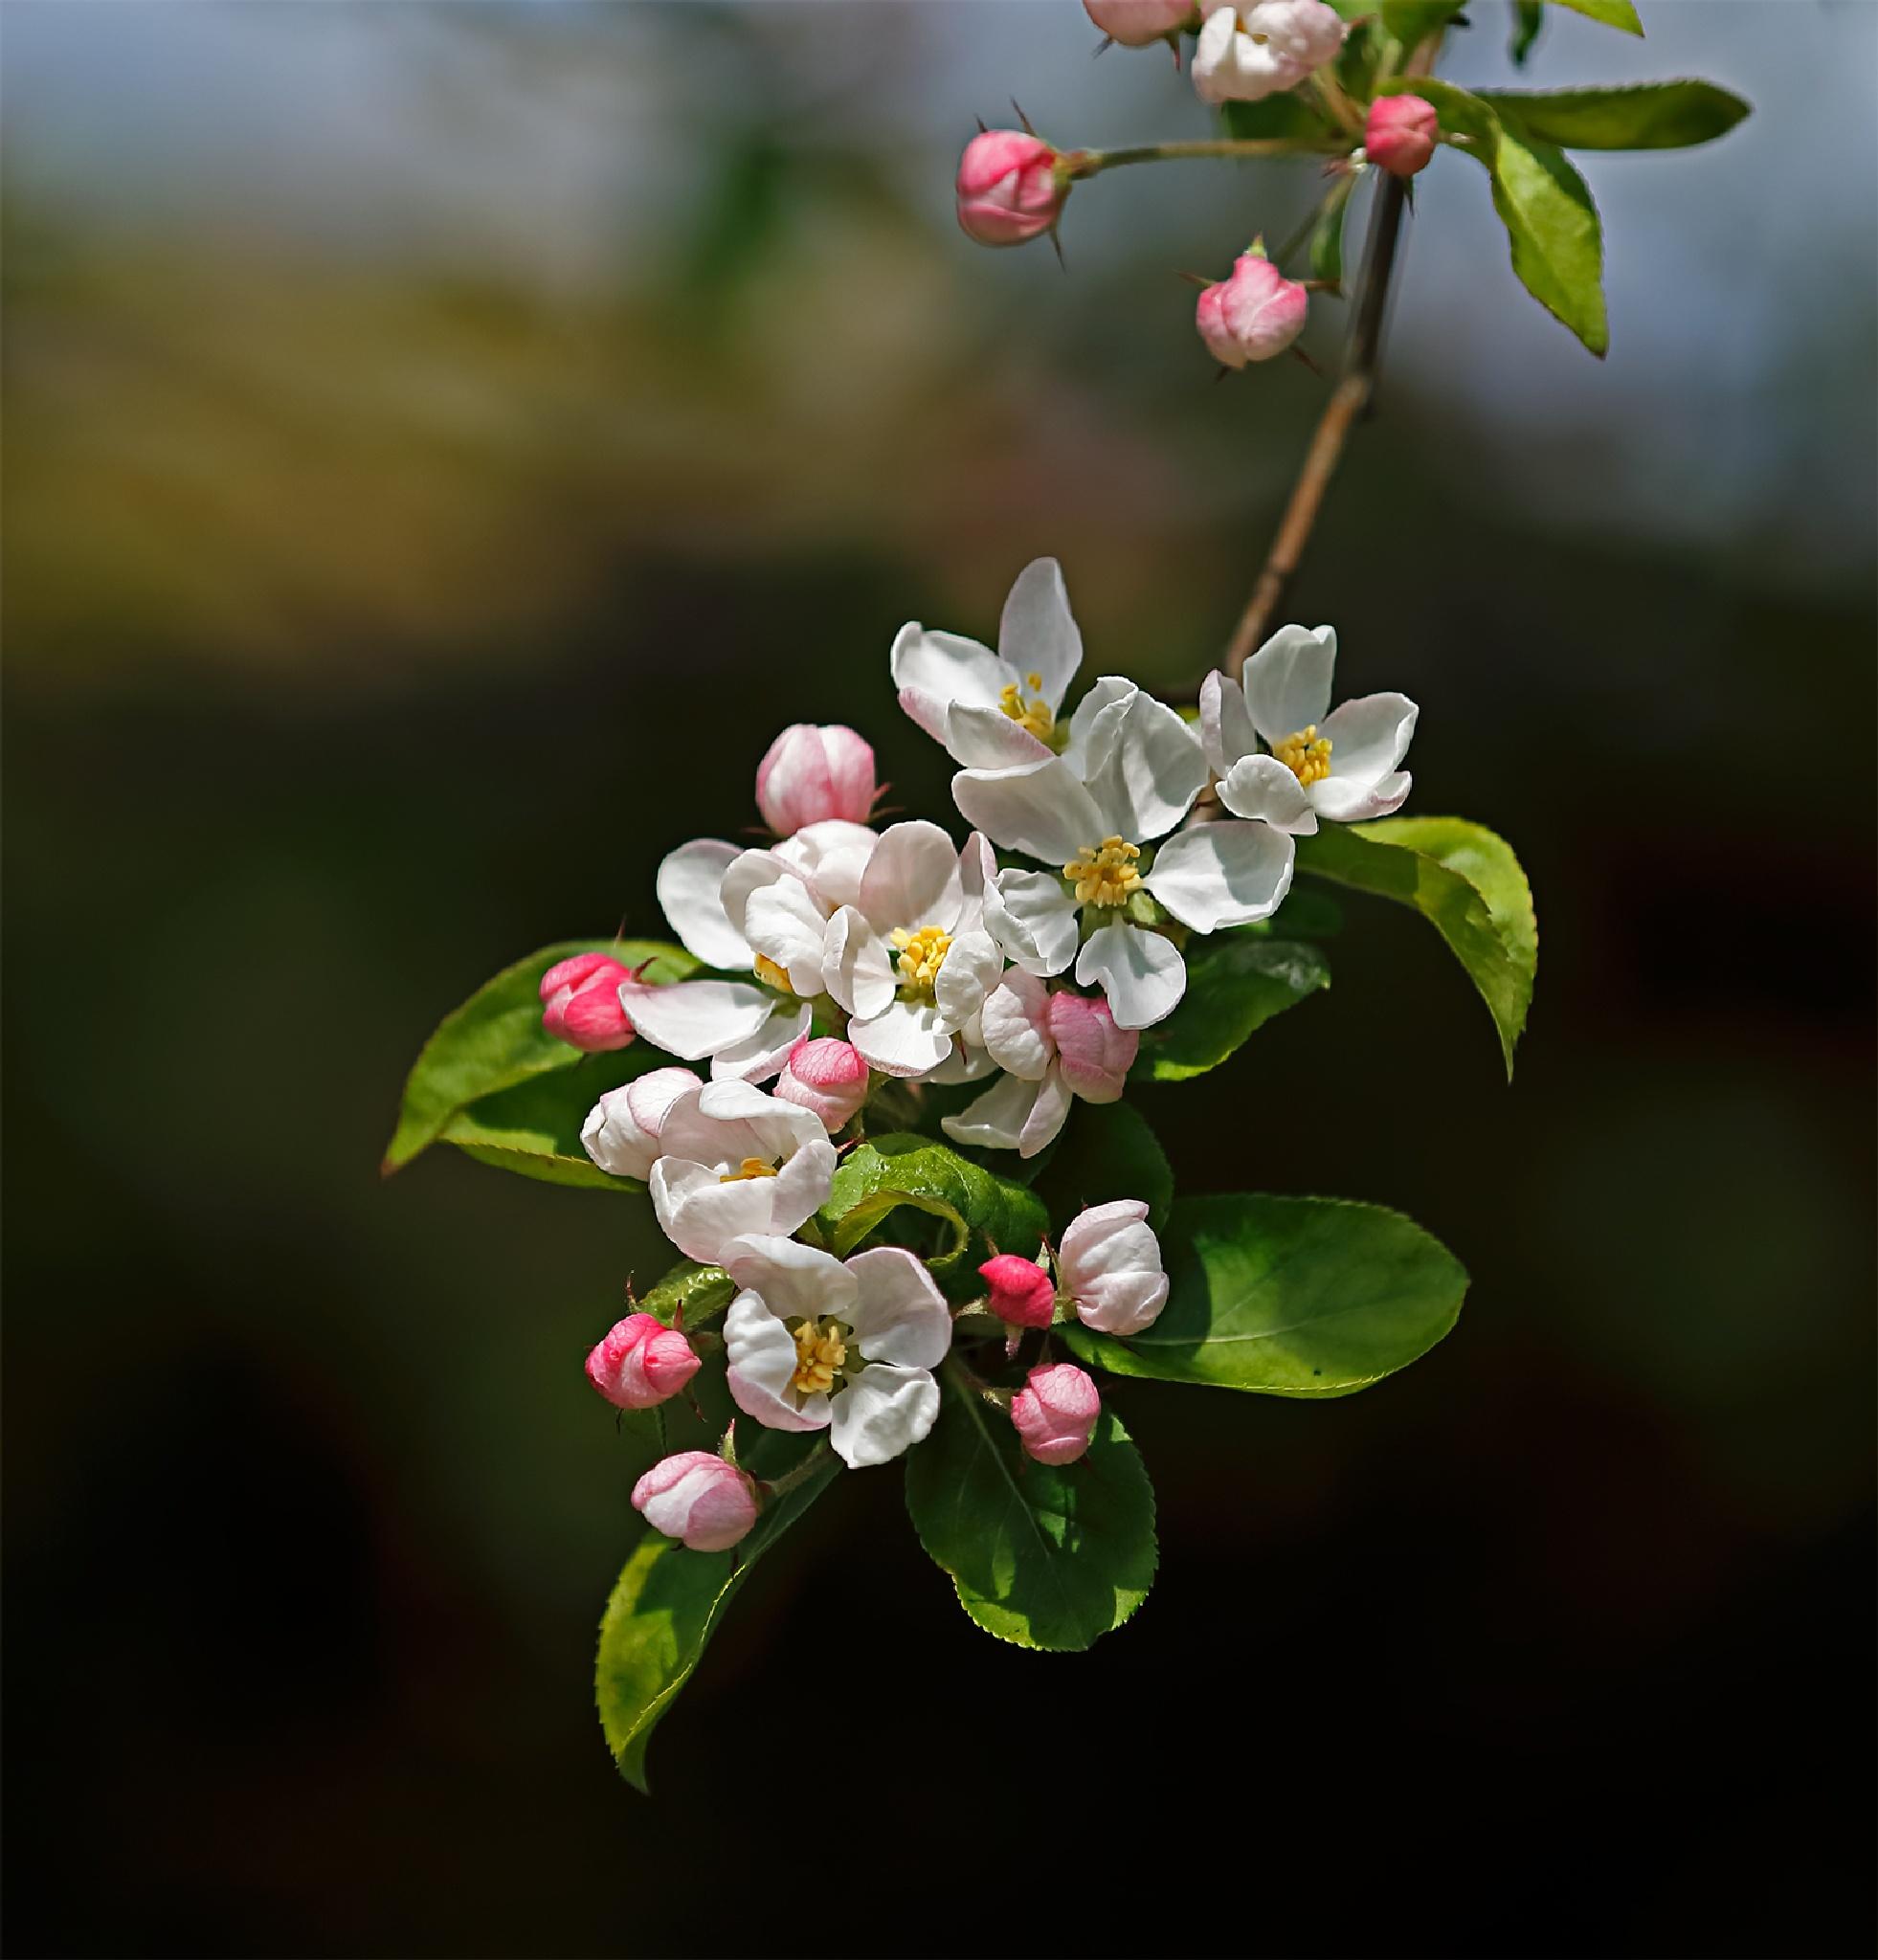 Blossom by Hannie vd